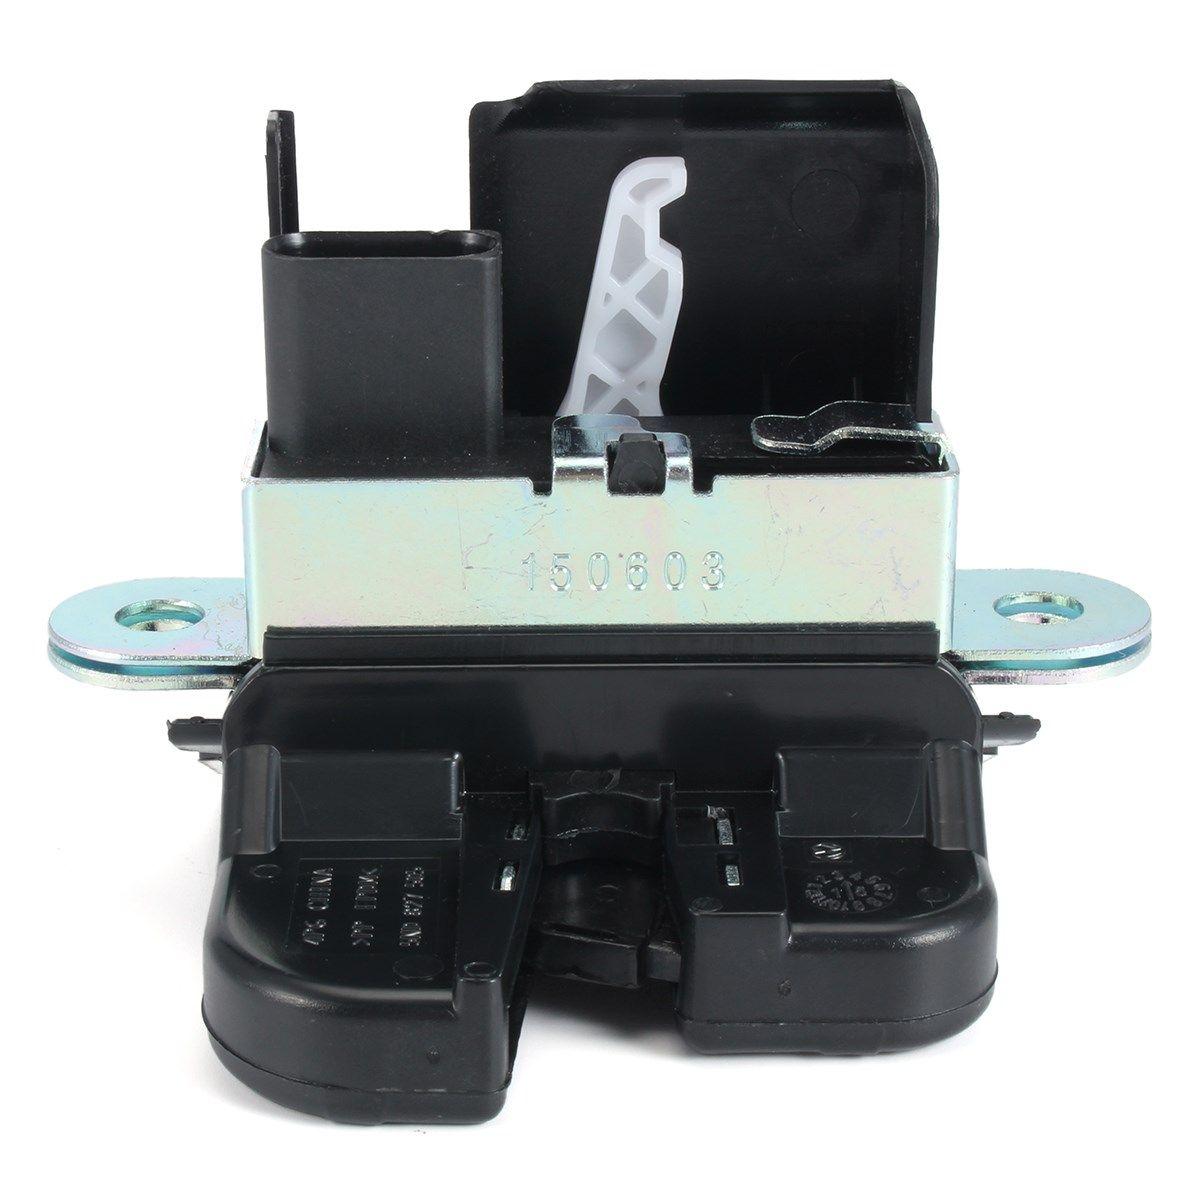 4 PINS Car Trunk Lock Block Rear Lid Lock For VW /Golf 6 /GTI /Golf R /PASSAT /New POLO /TIGUAN 6RD827505 5ND827505